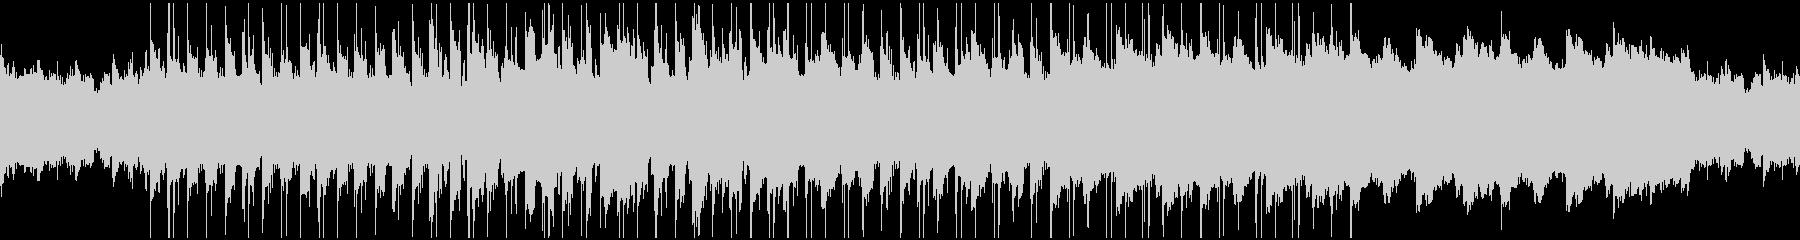 エレキピアノによるゆったりした曲調です。の未再生の波形